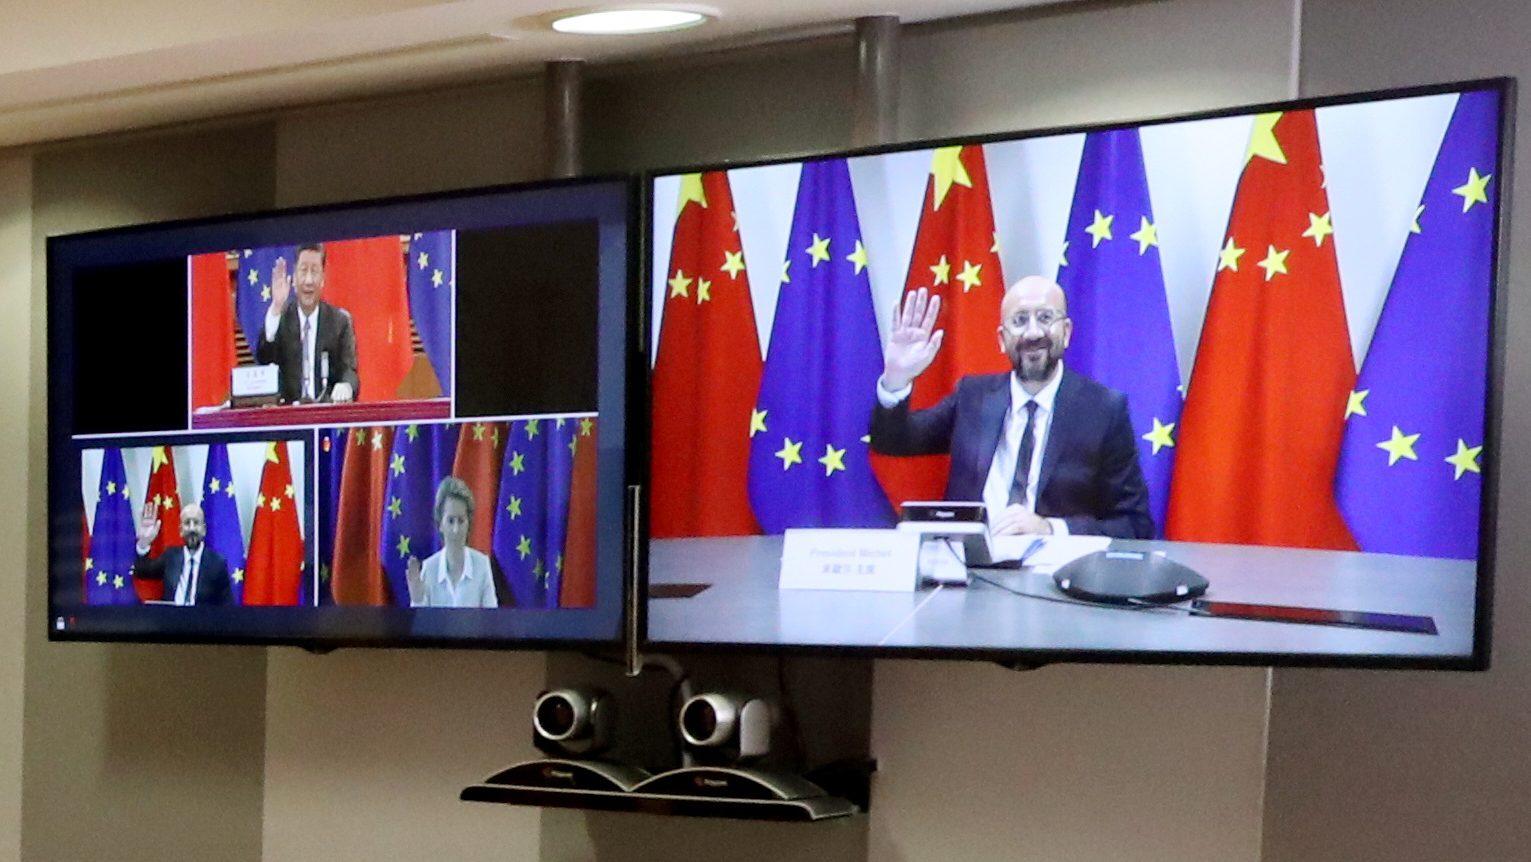 Screens show Charles Michel, Ursula Von der Leyen, and Xi Jinping